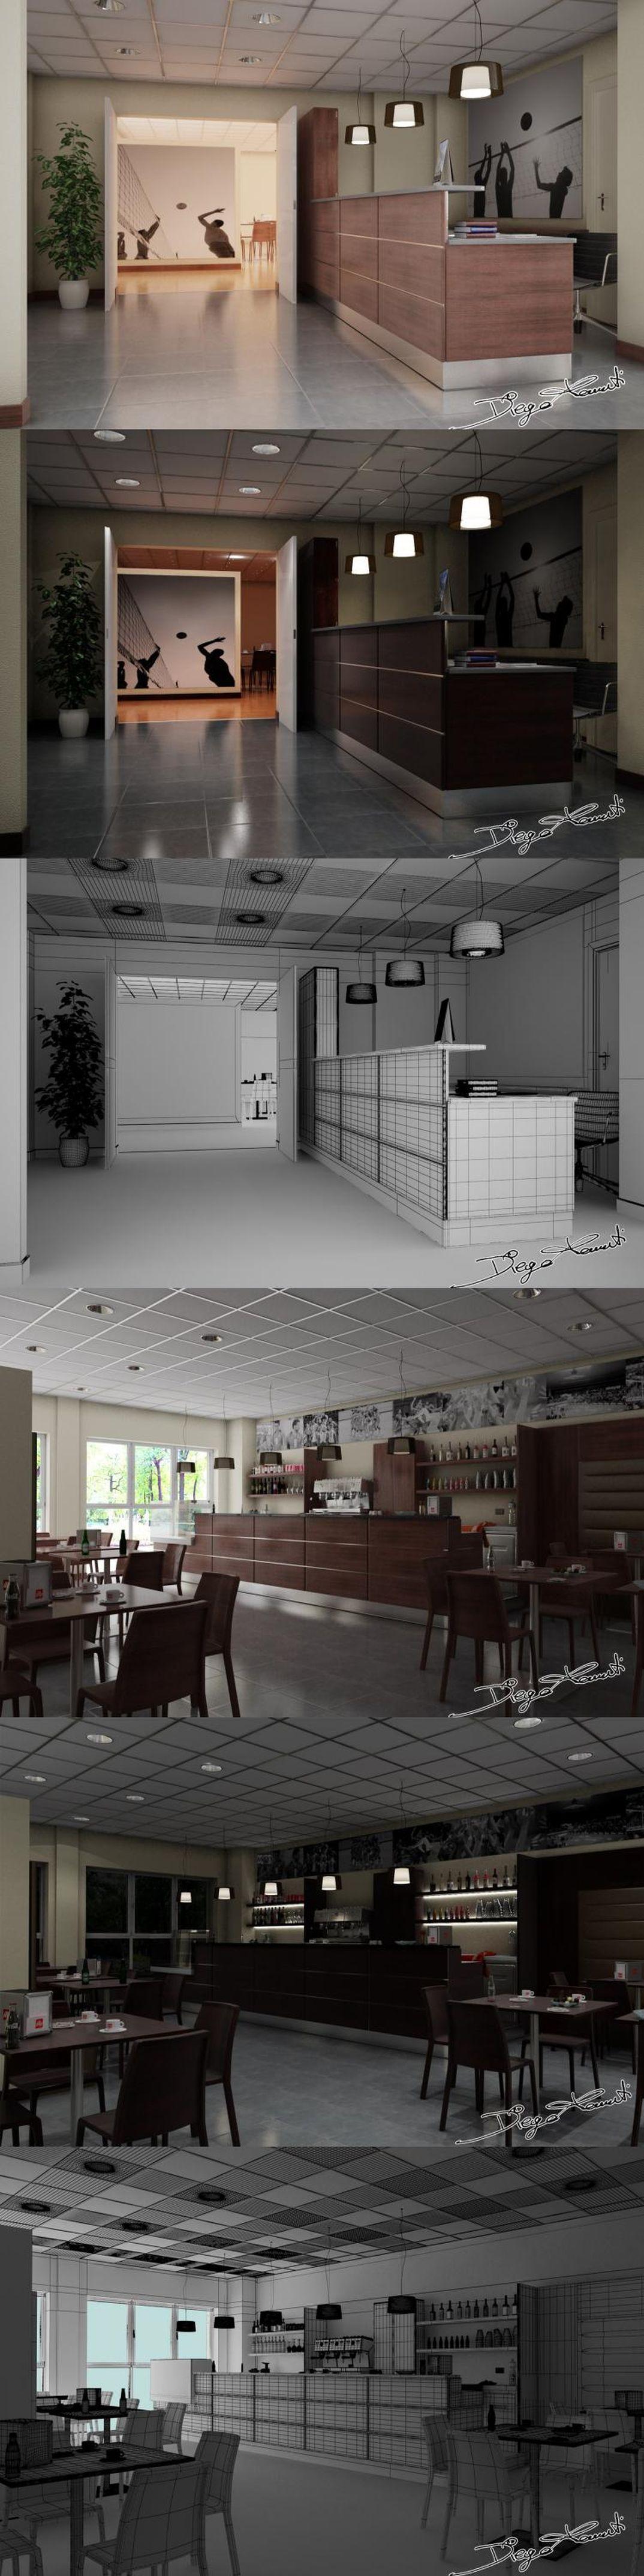 Bar + Reception